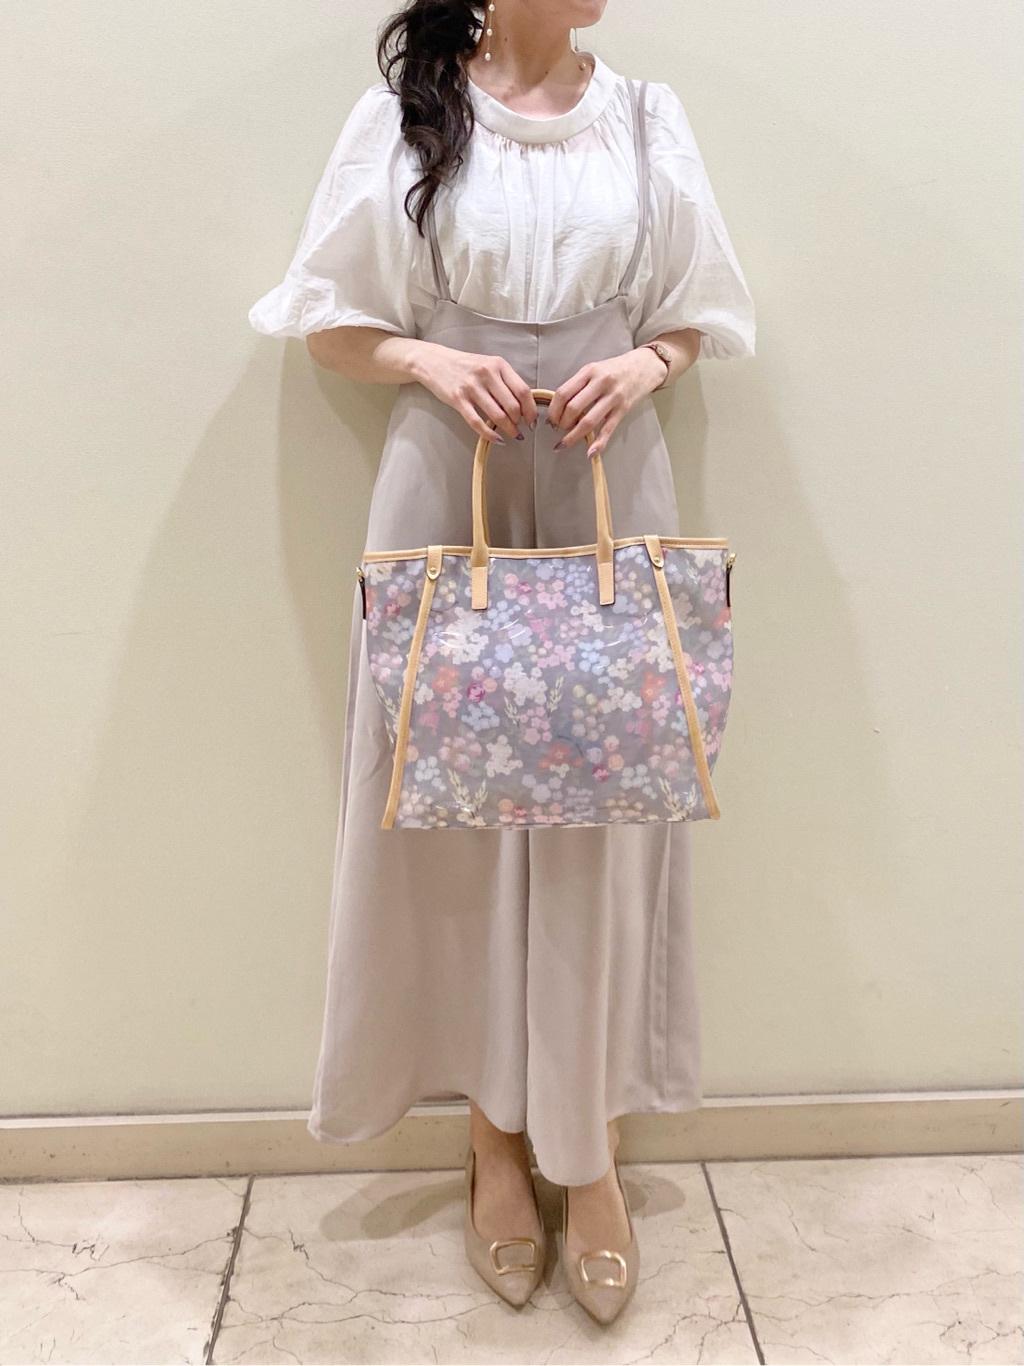 サマンサタバサデラックス サマンサタバサプチチョイス 新宿高島屋店 Tamaki